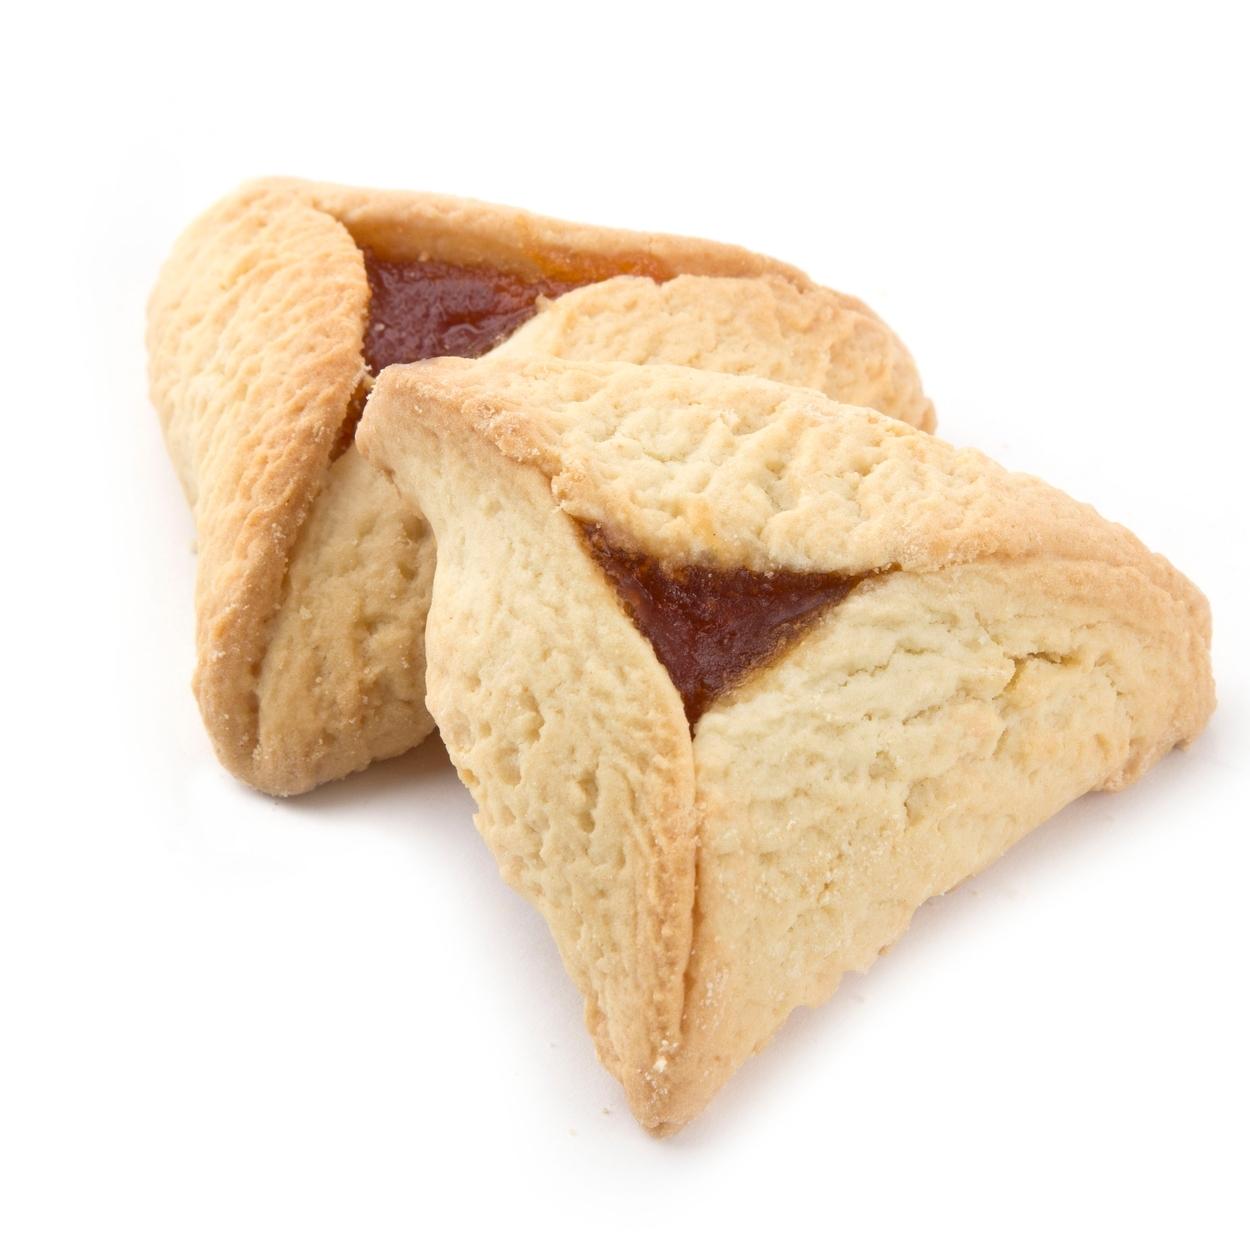 Sugar free apricot hamantaschen hamantashen purim cookies sugar free apricot hamantaschen hamantashen purim cookies purim baskets mishloach manot gifts themes oh nuts negle Image collections